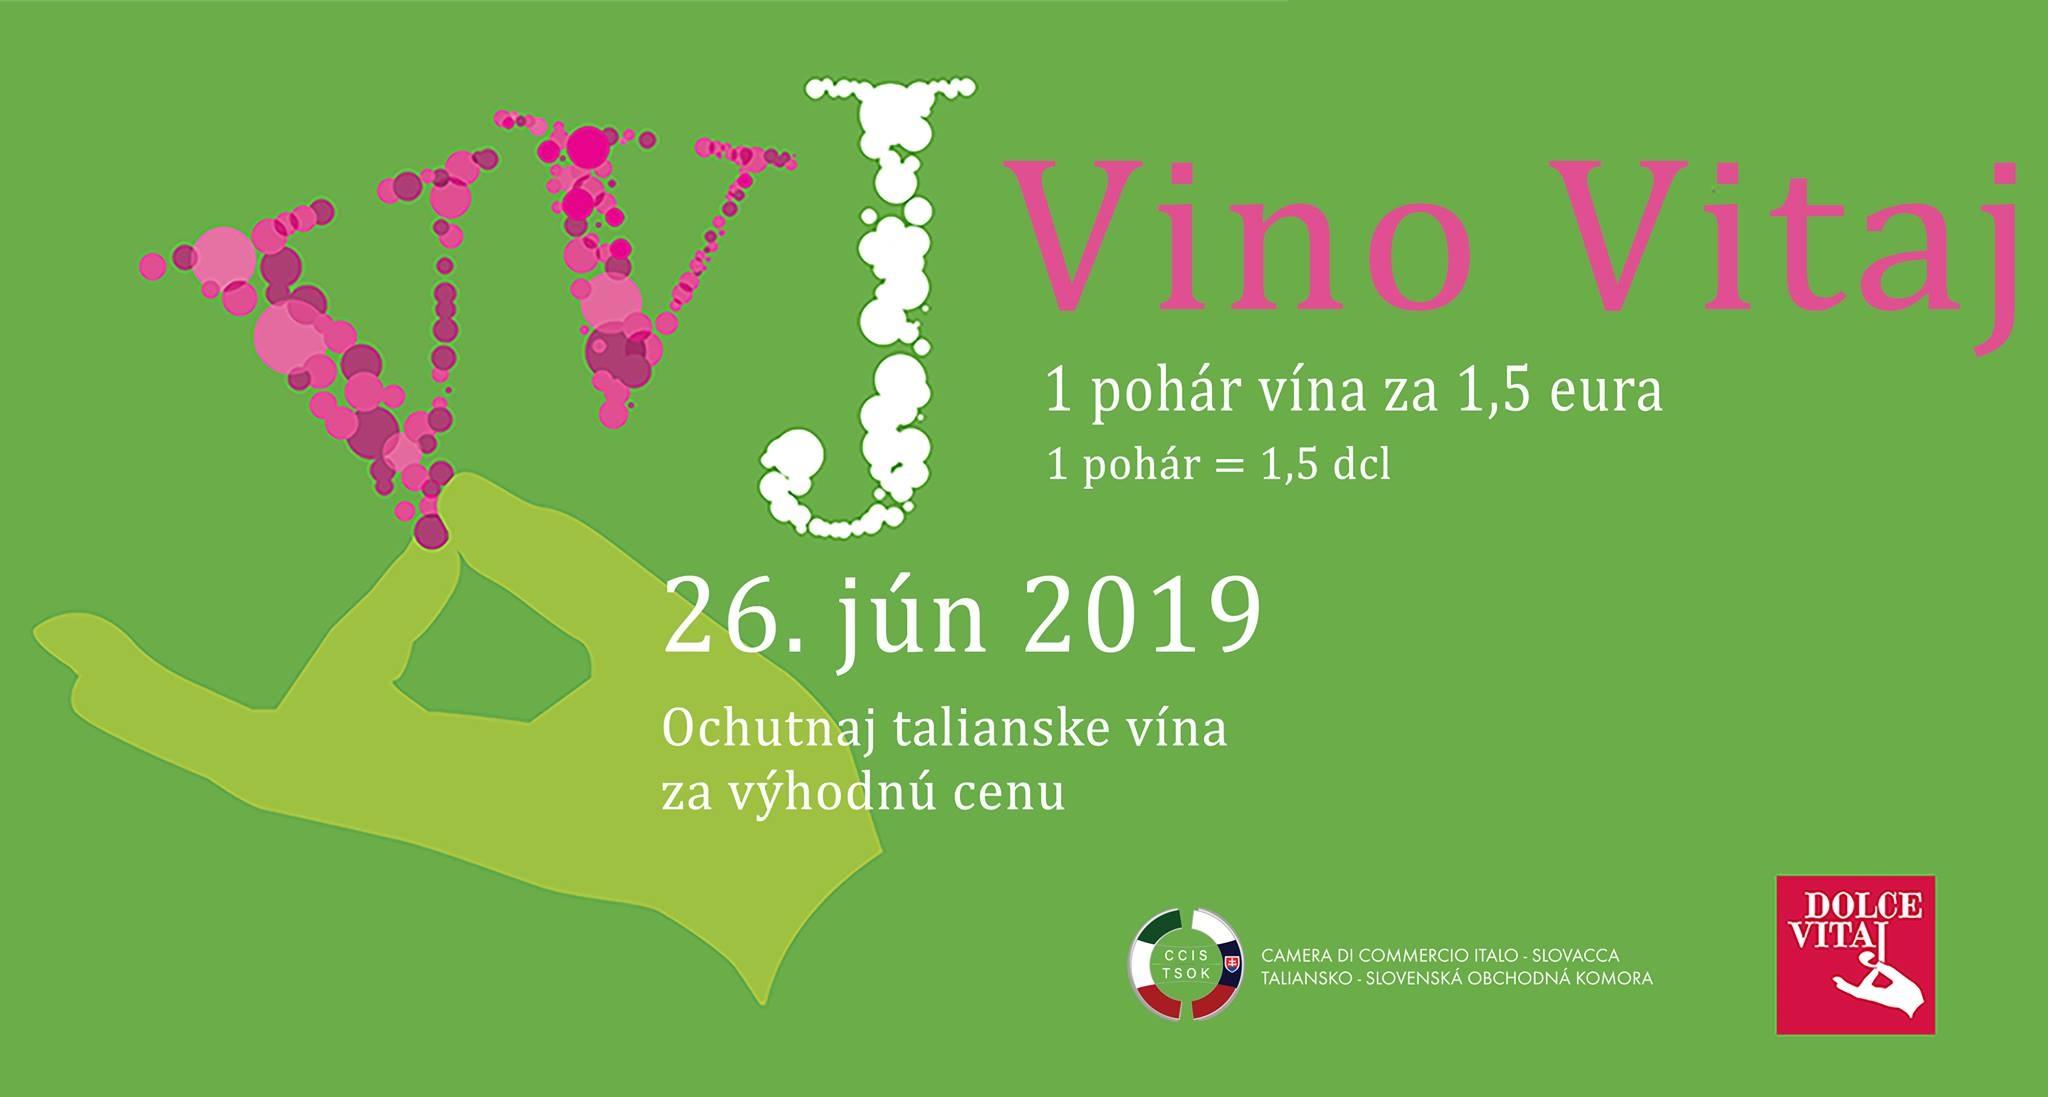 Arriva oggi a Bratislava il festival del vino italiano